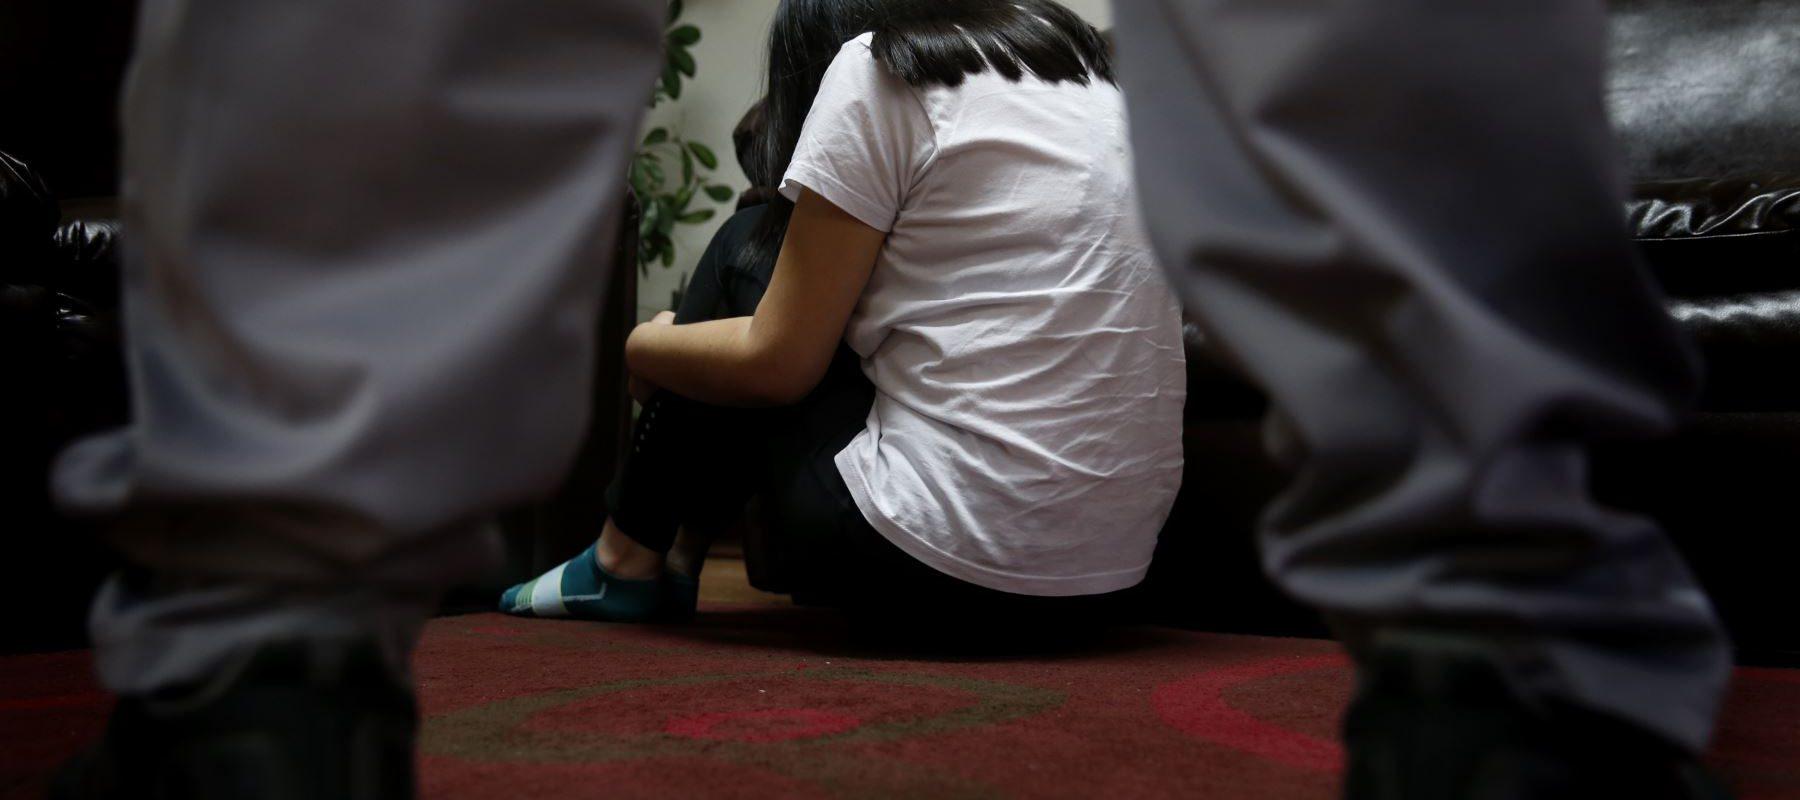 Pederasta intentó robarse a una niña: La citó en un lugar para violarla